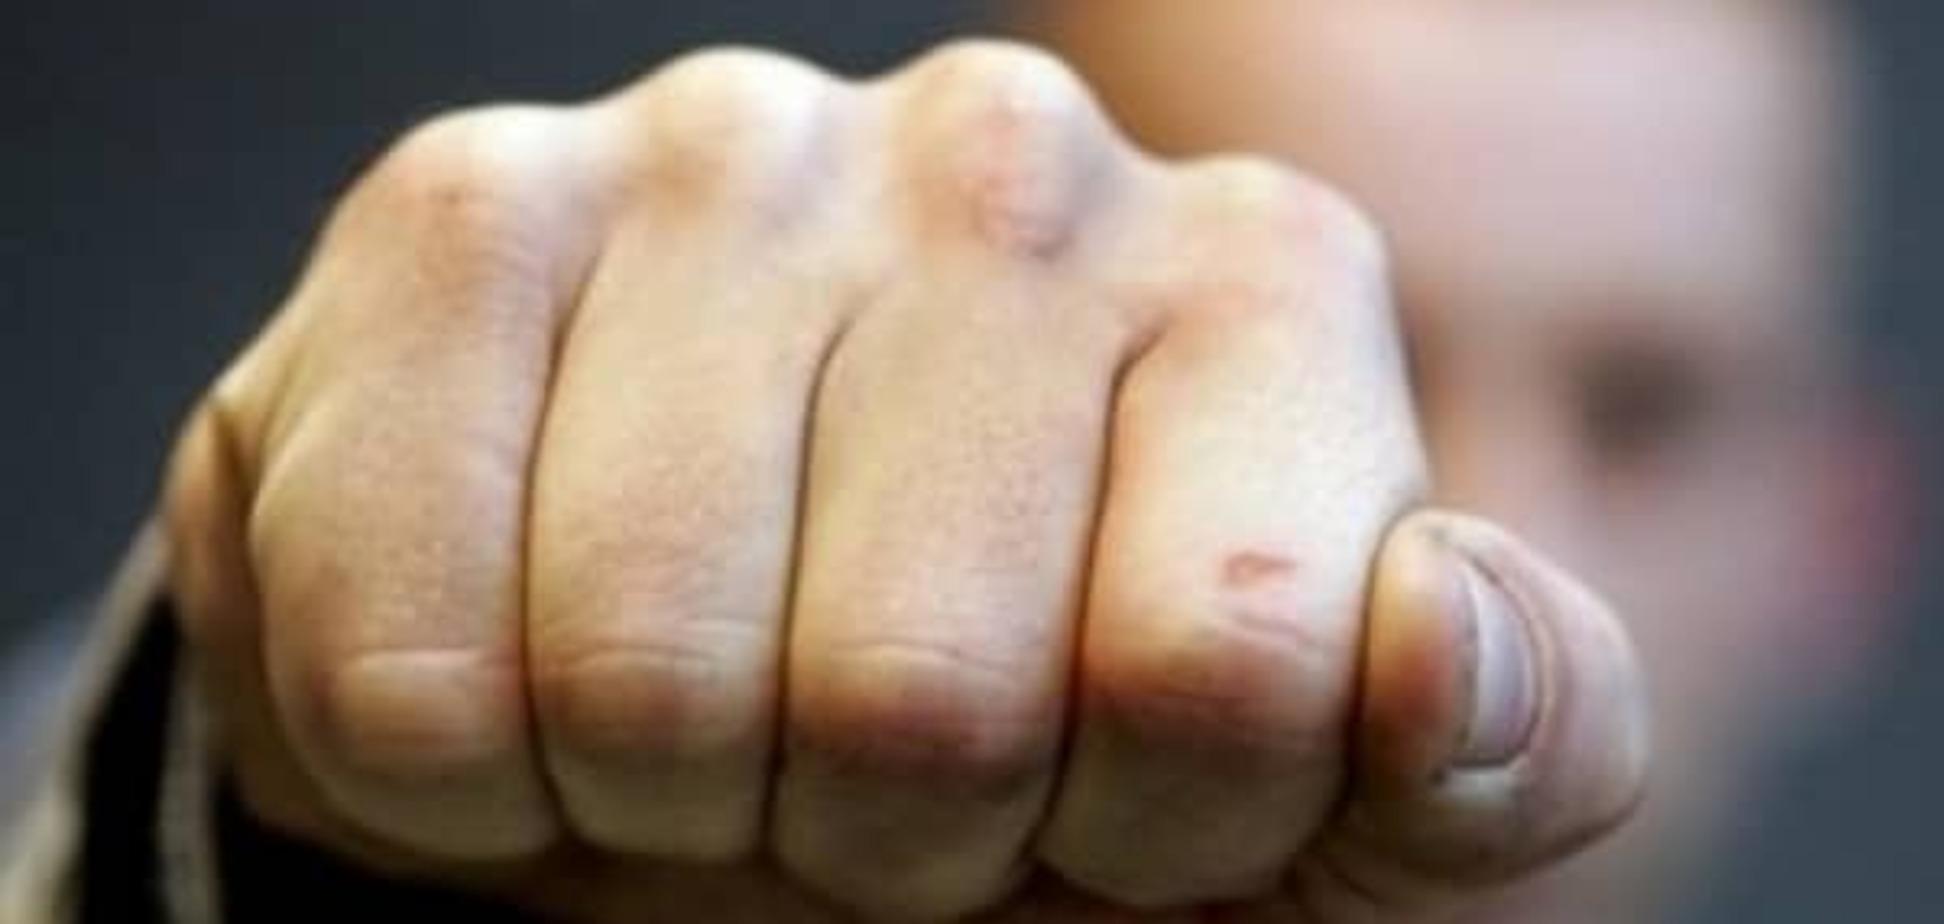 Шукайте жінку: Херсон шокувала 'романтична' бійка з вибухом гранати